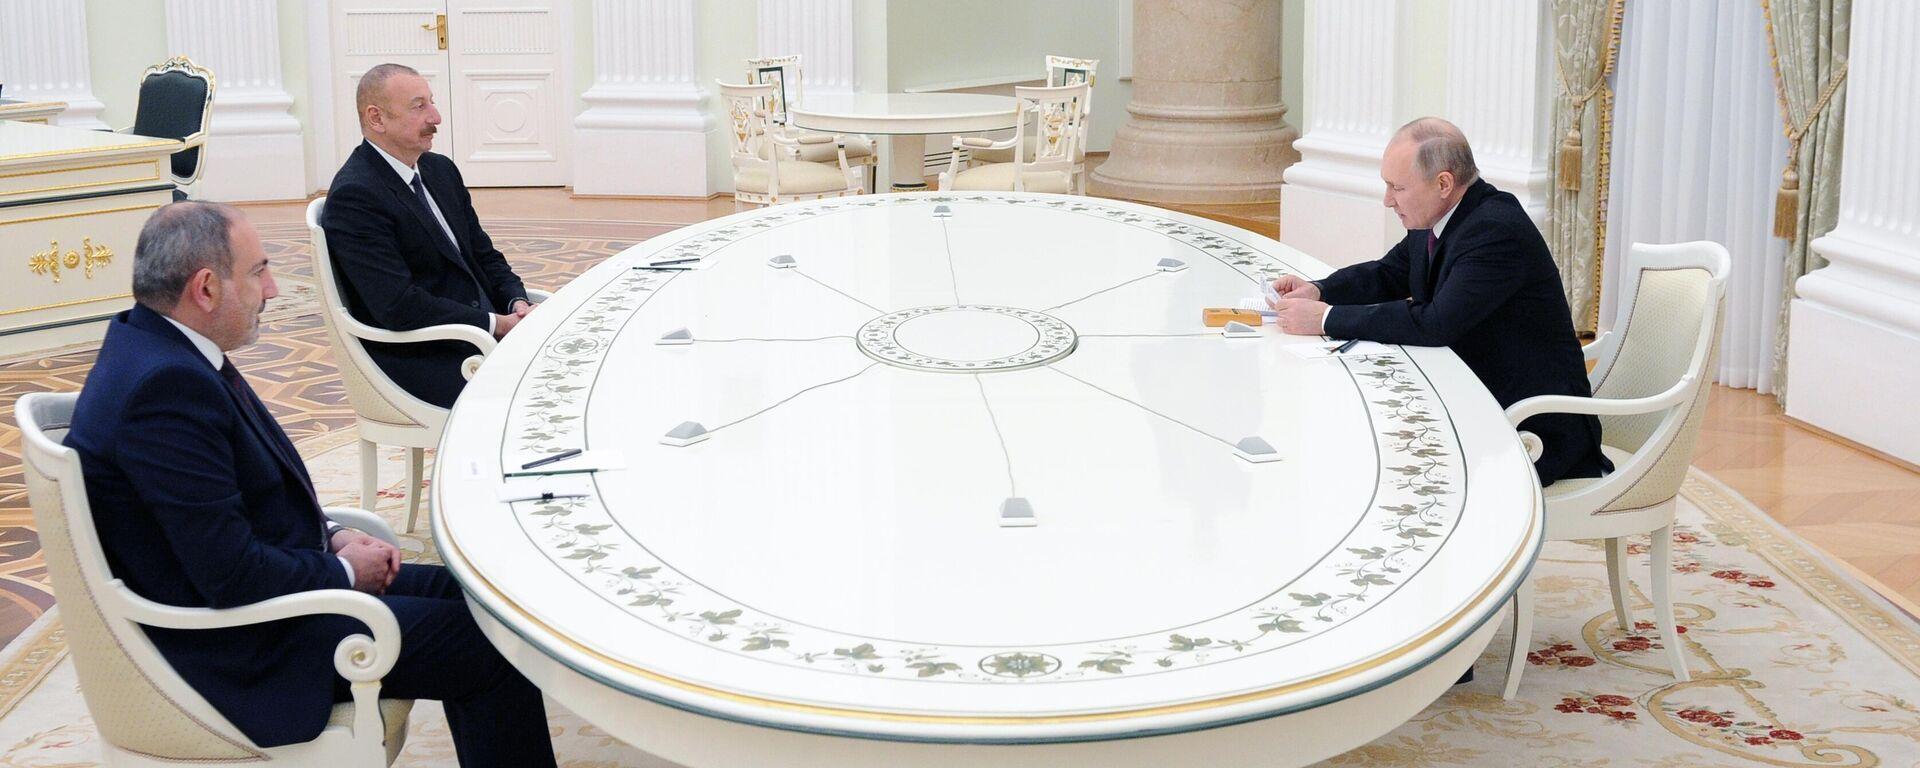 Bergkarabach-Verhandlungen in Moskau. Von l. nach r.: Armeniens Regierungschef Nikol Paschinjan, der aserbaaidschanische Präsidenet Ilcham Alijew und Russlands Staatschef Wladimir Putin. Kreml, 11. Januar 2021 - SNA, 1920, 11.01.2021